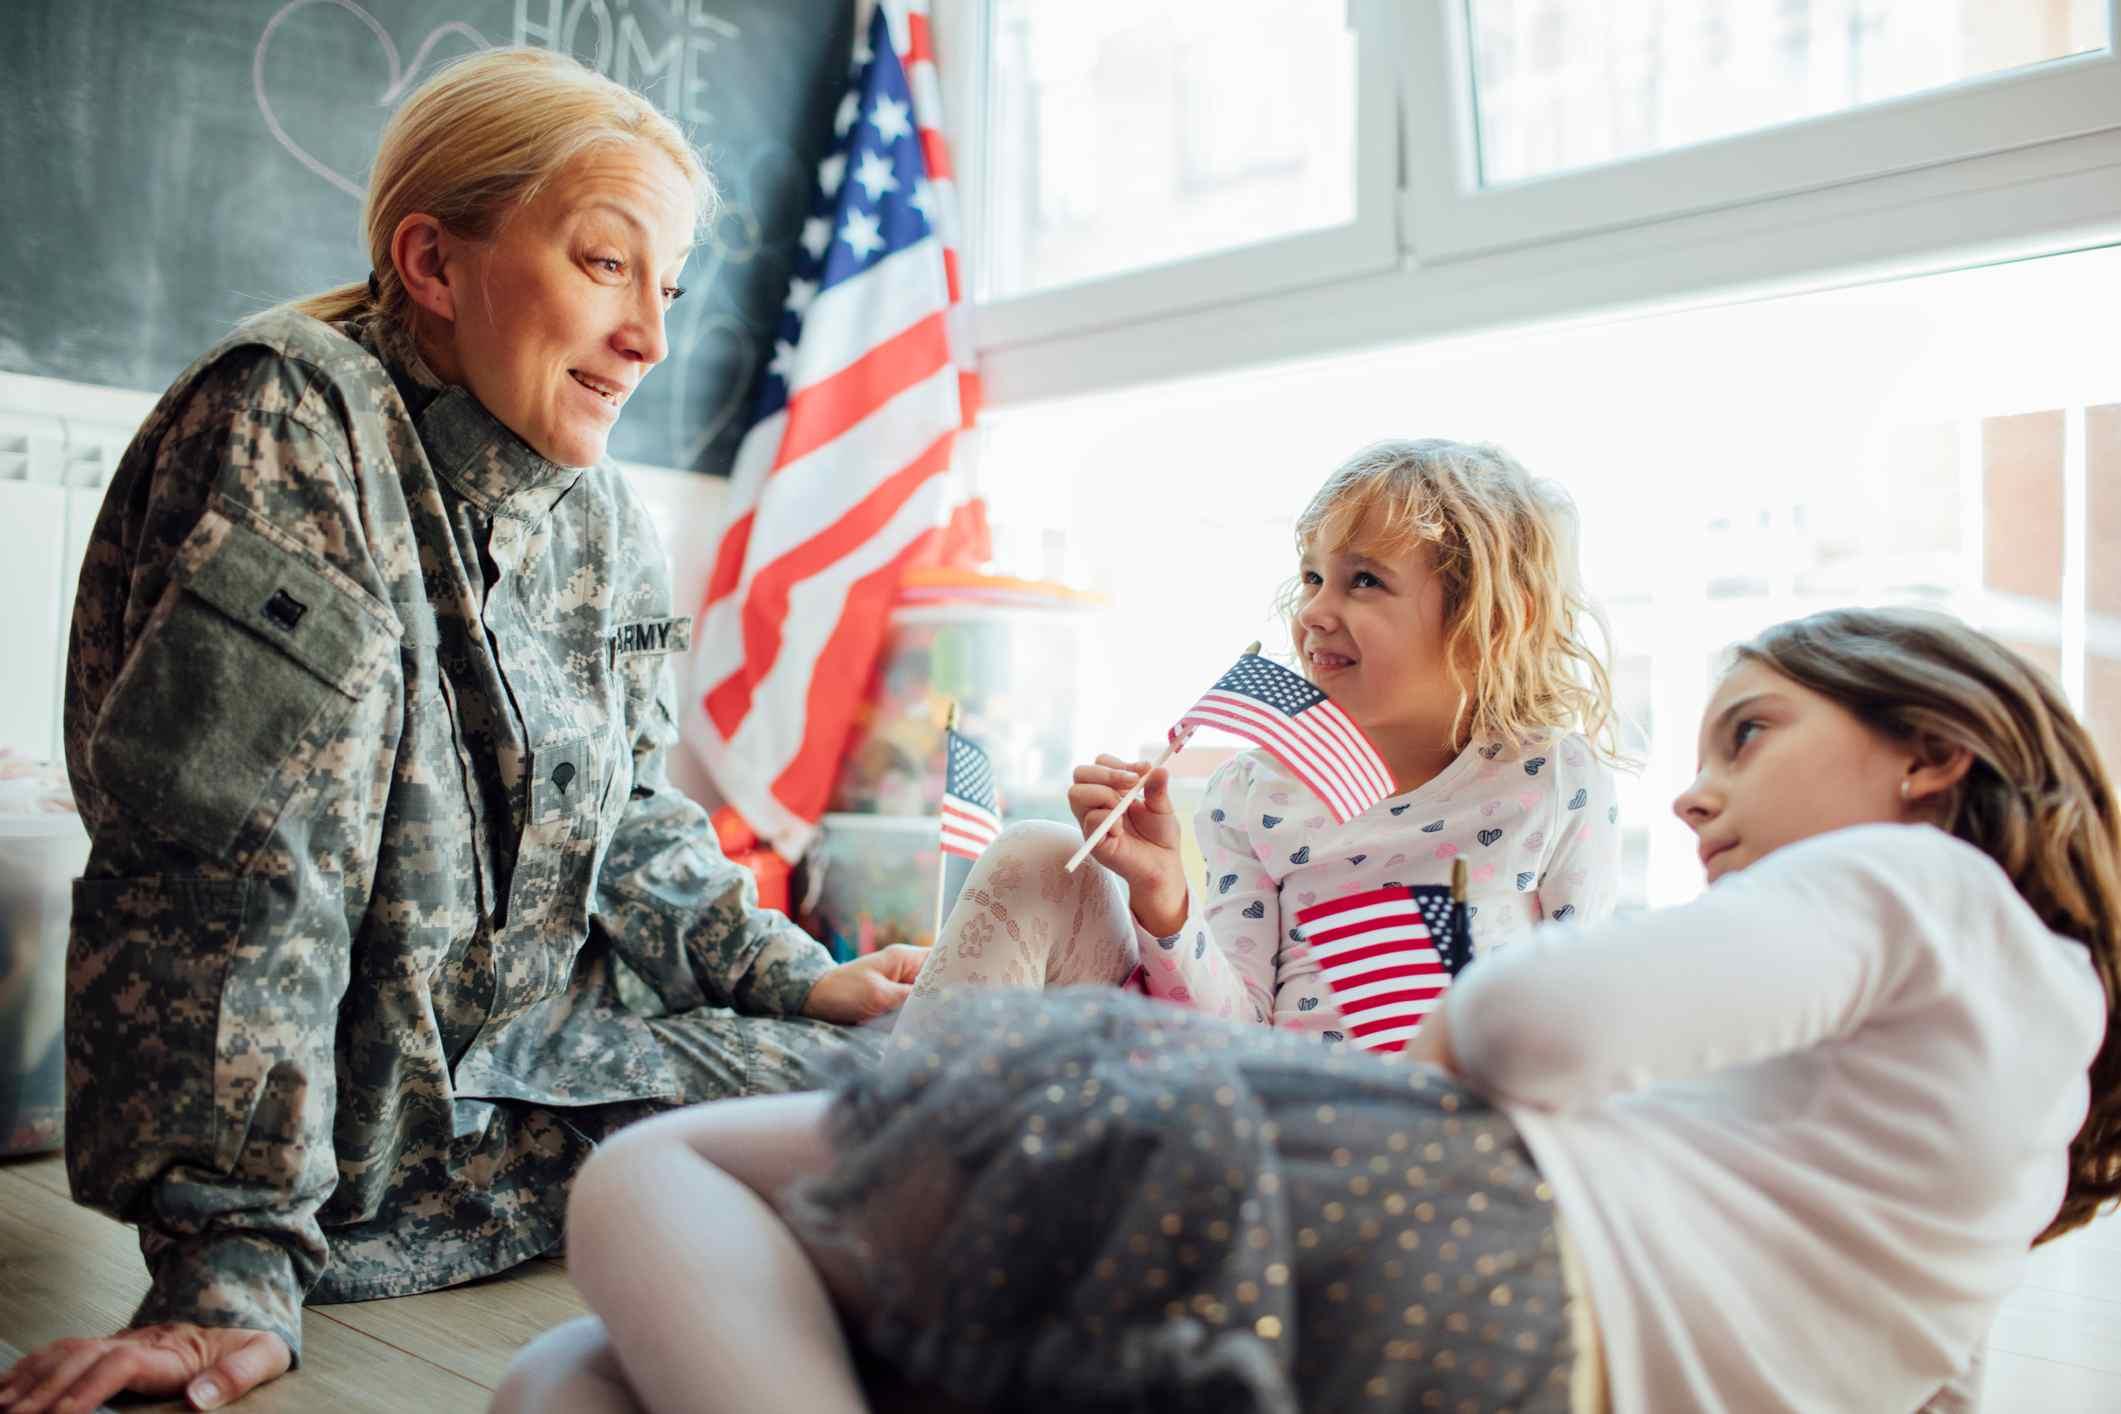 A Soldier Teaches Children